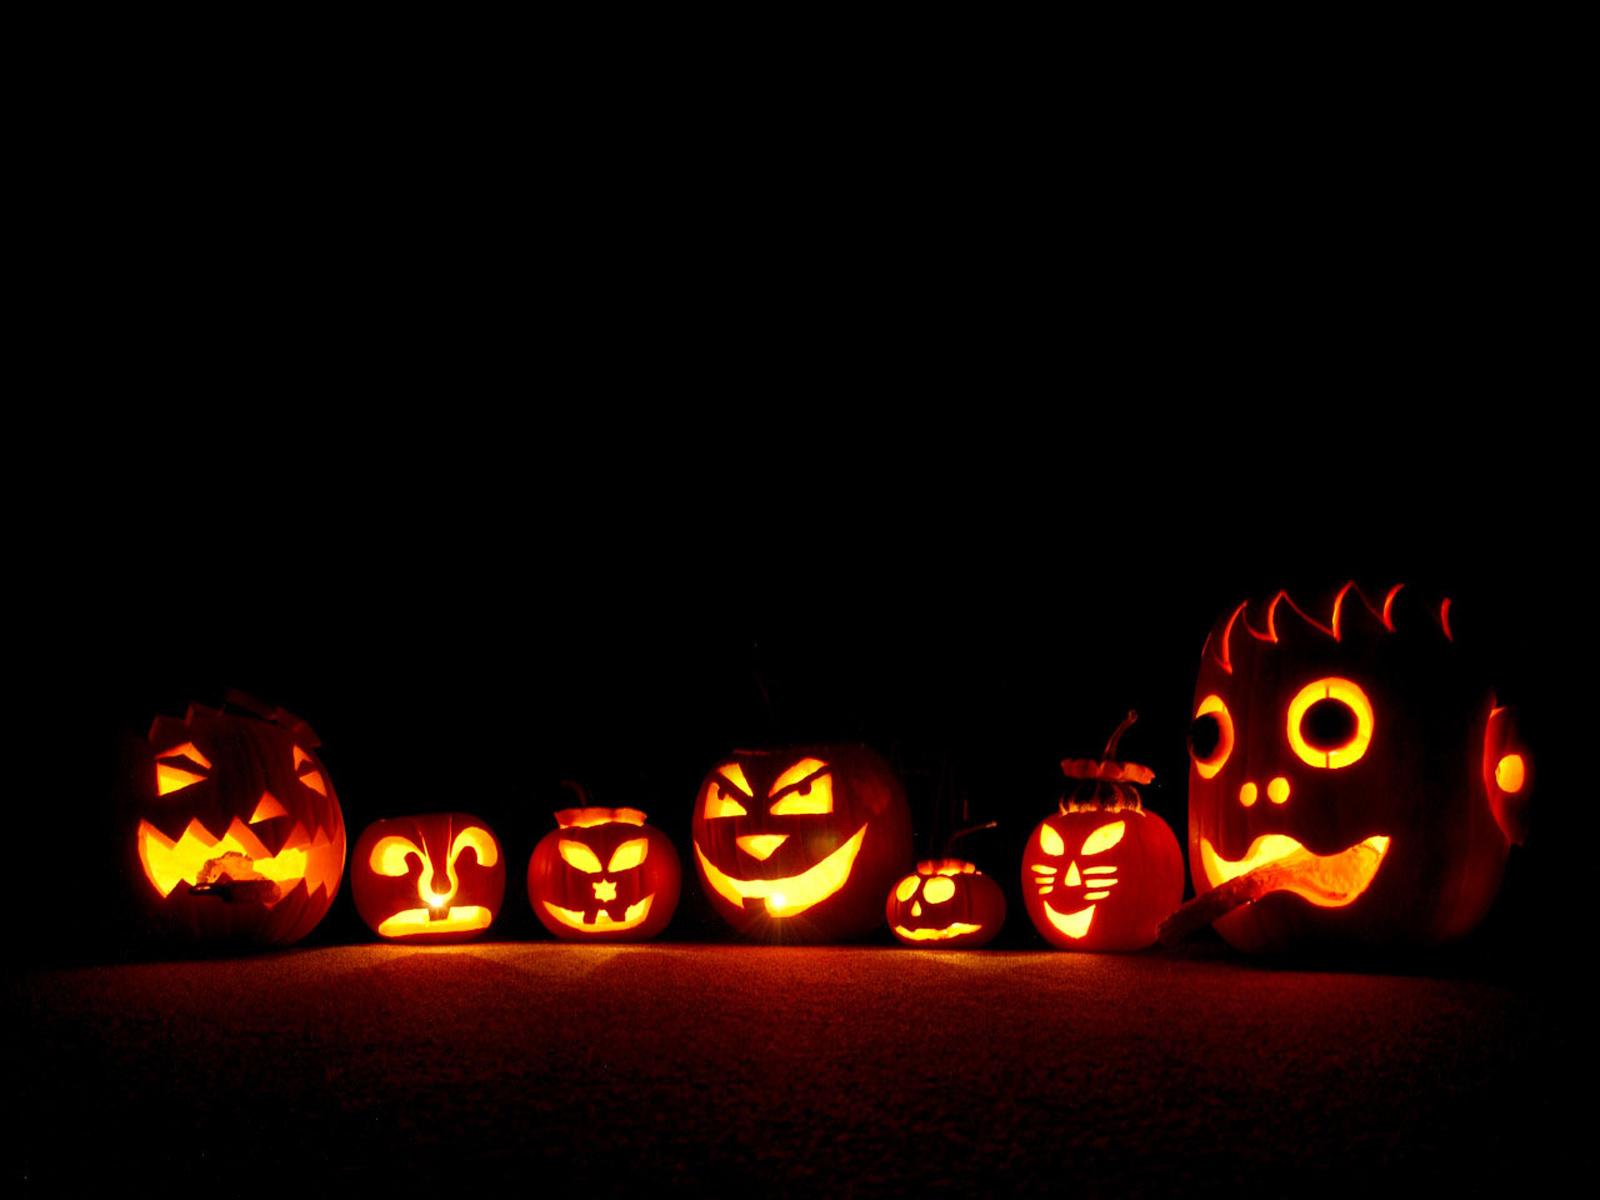 ... Creative-Halloween-Pumpkins-Wallpaper ...